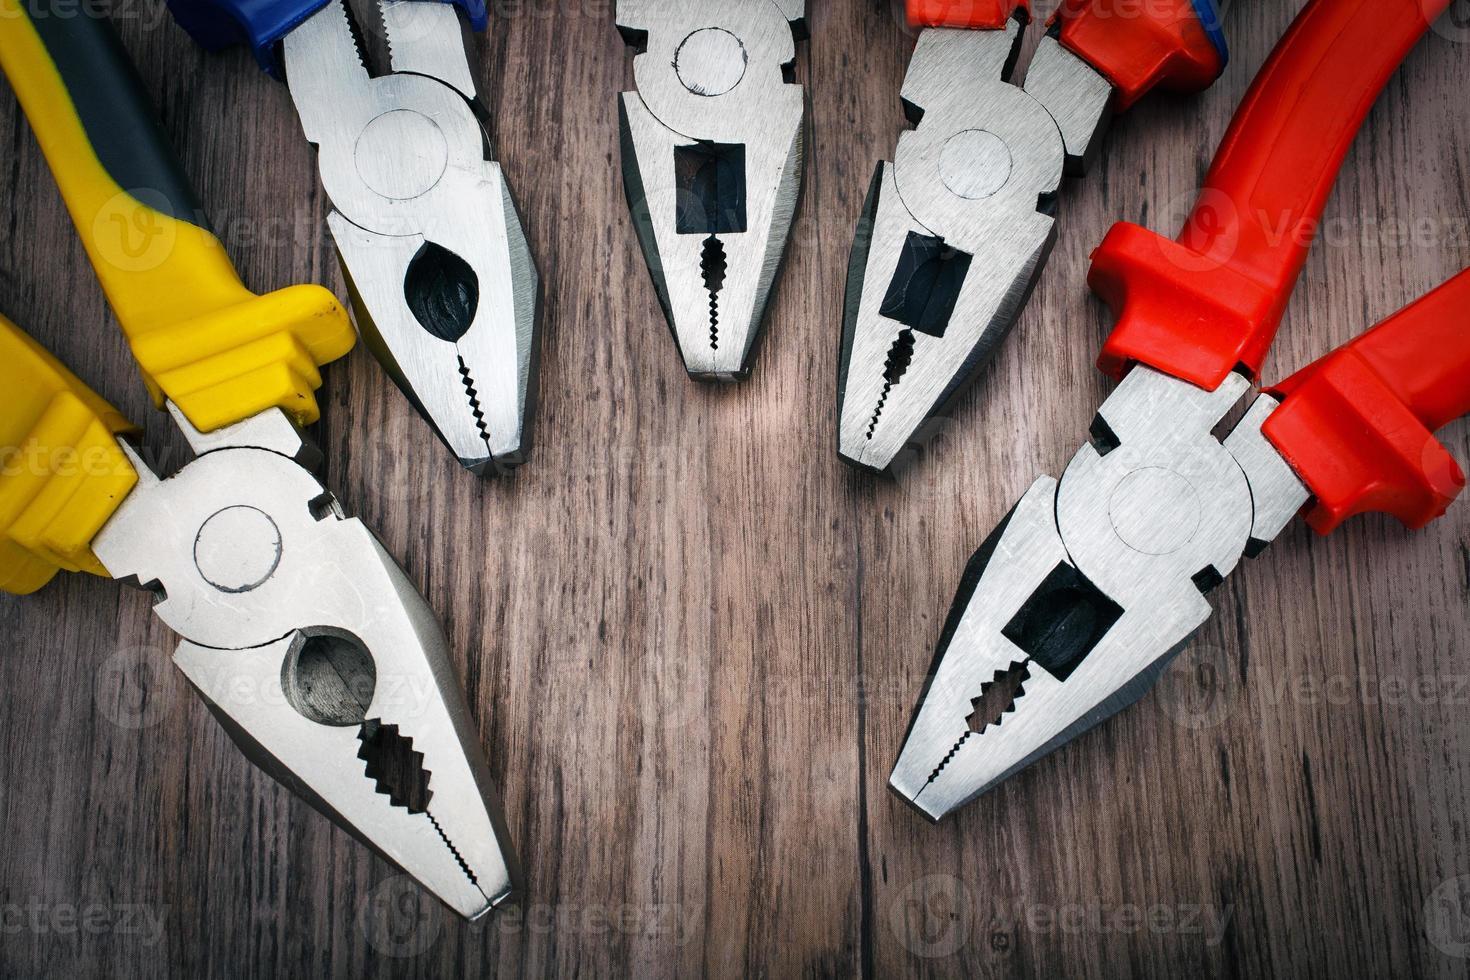 Copyspace-Bildsatz einer Handwerkzeugzange foto